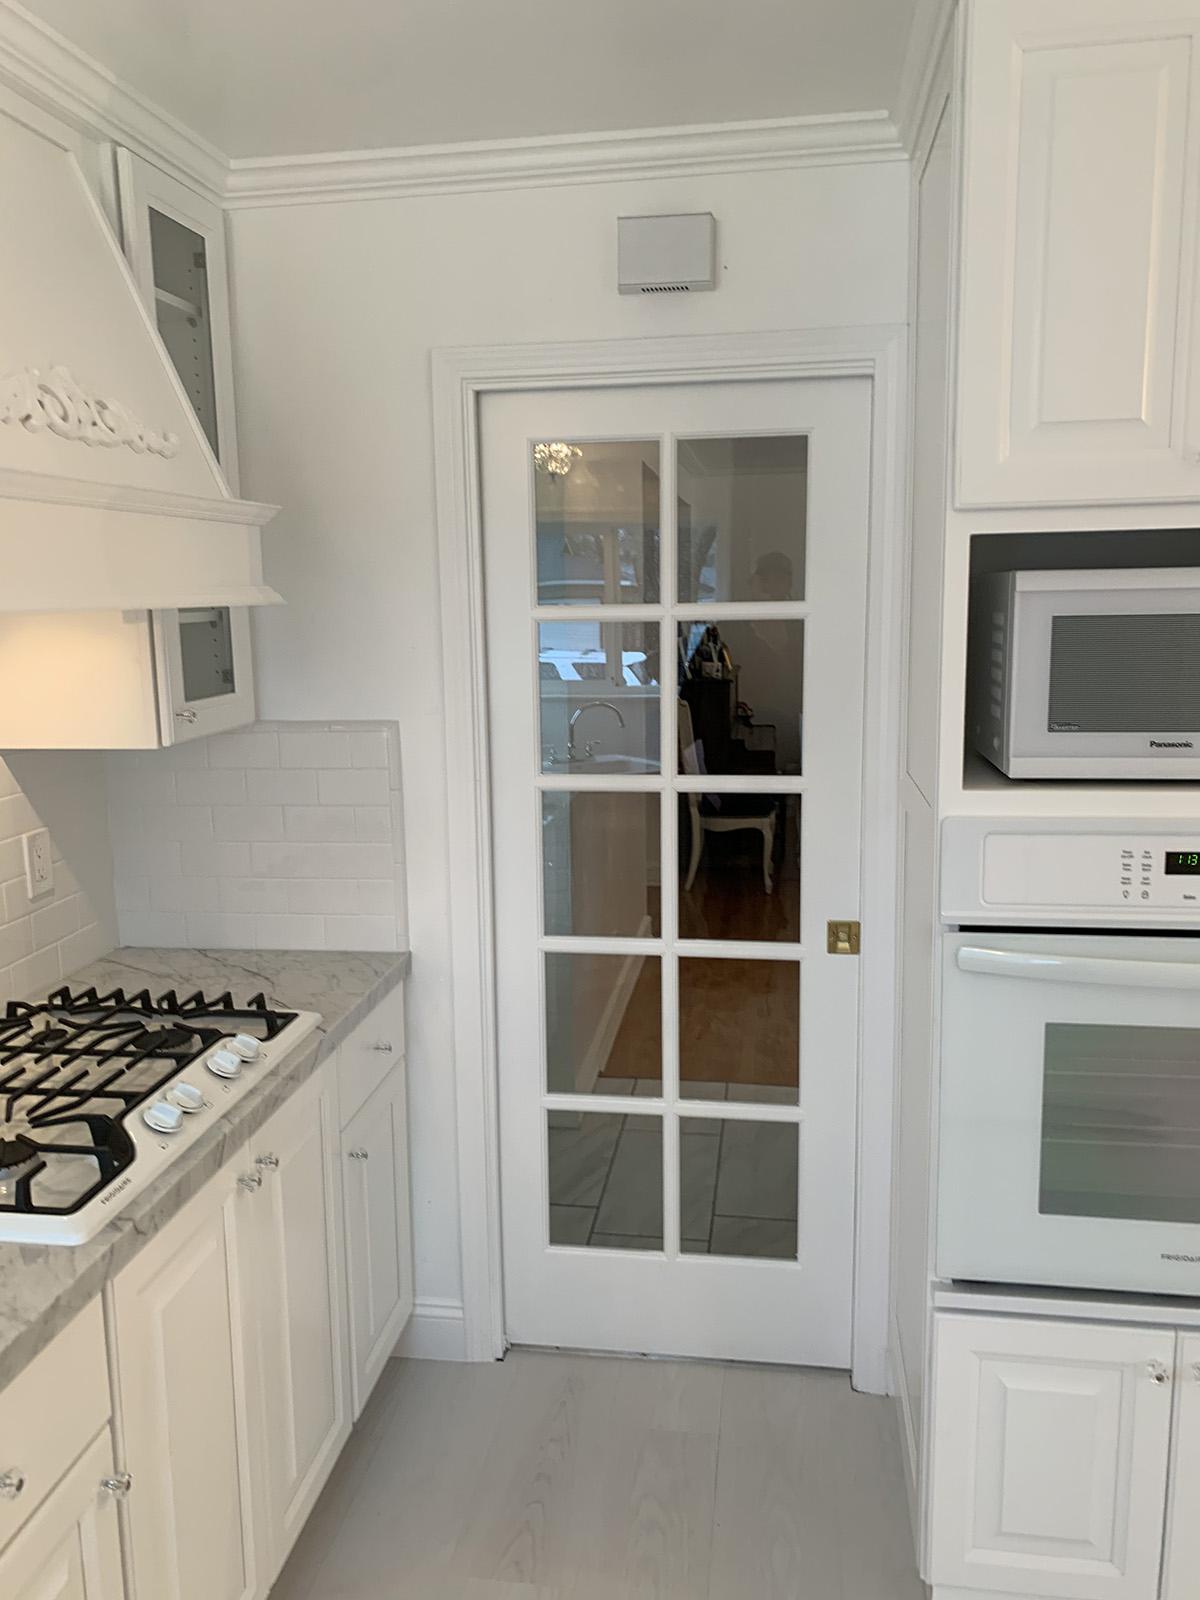 Pocket Milpitas CA Replacement Windows And Doors